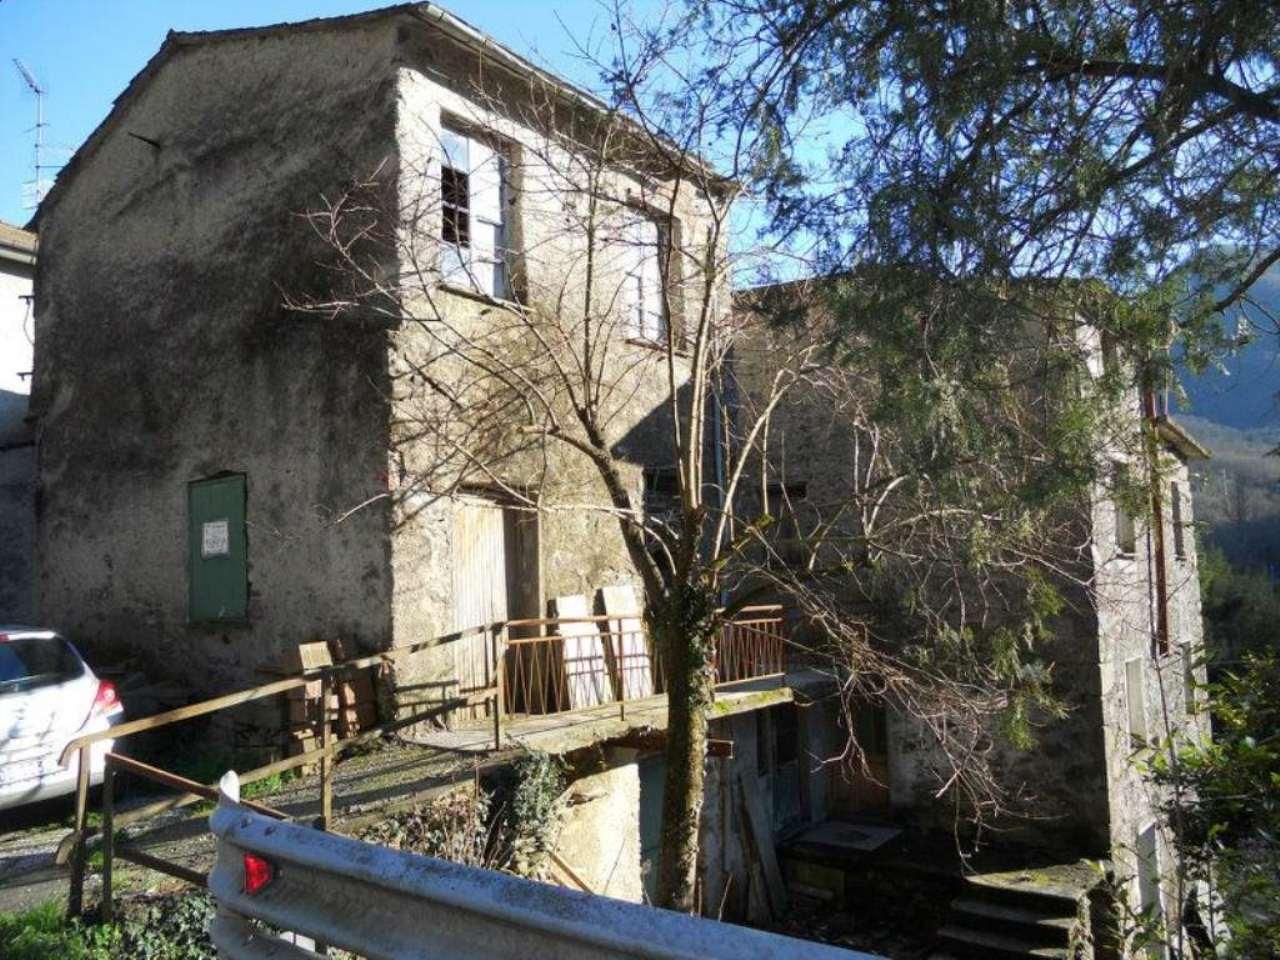 Rustico / Casale in vendita a San Colombano Certenoli, 6 locali, prezzo € 120.000 | CambioCasa.it